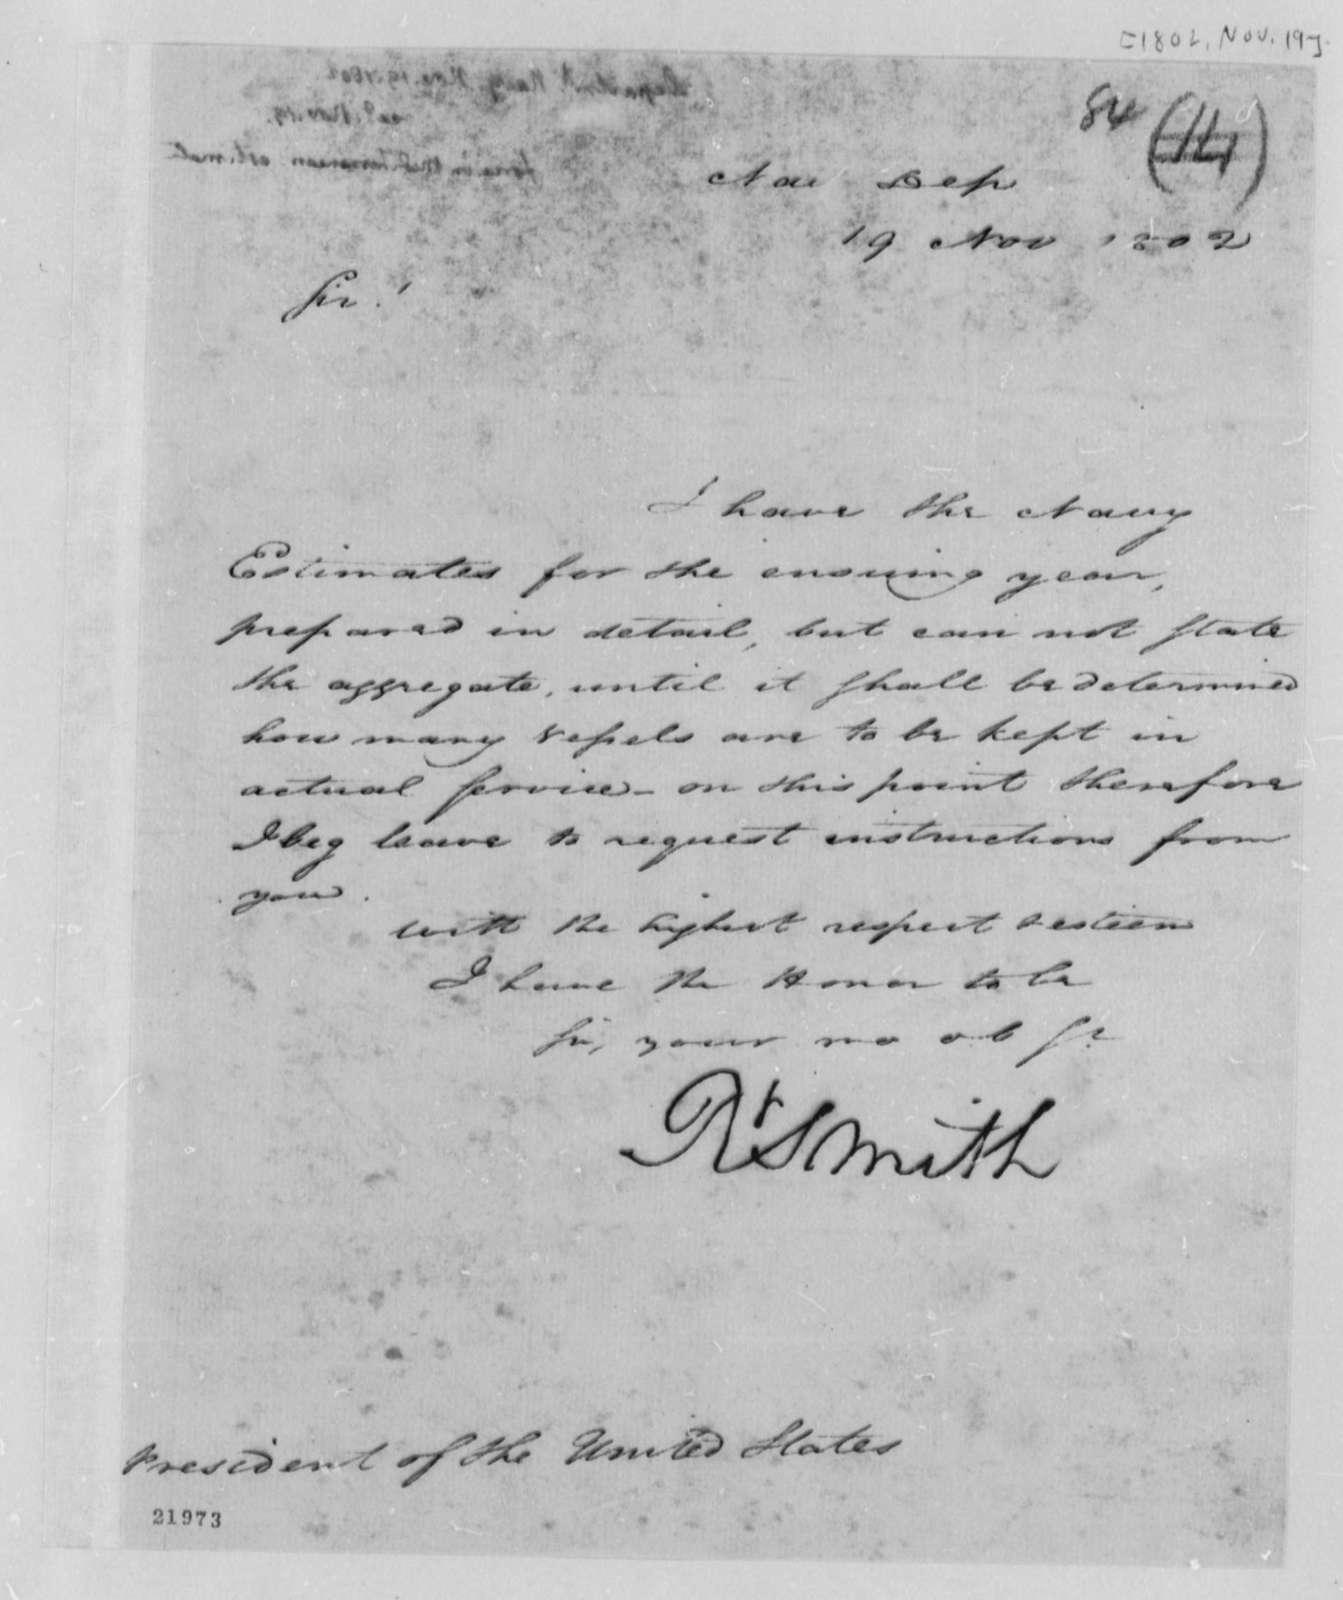 Robert Smith to Thomas Jefferson, November 19, 1802